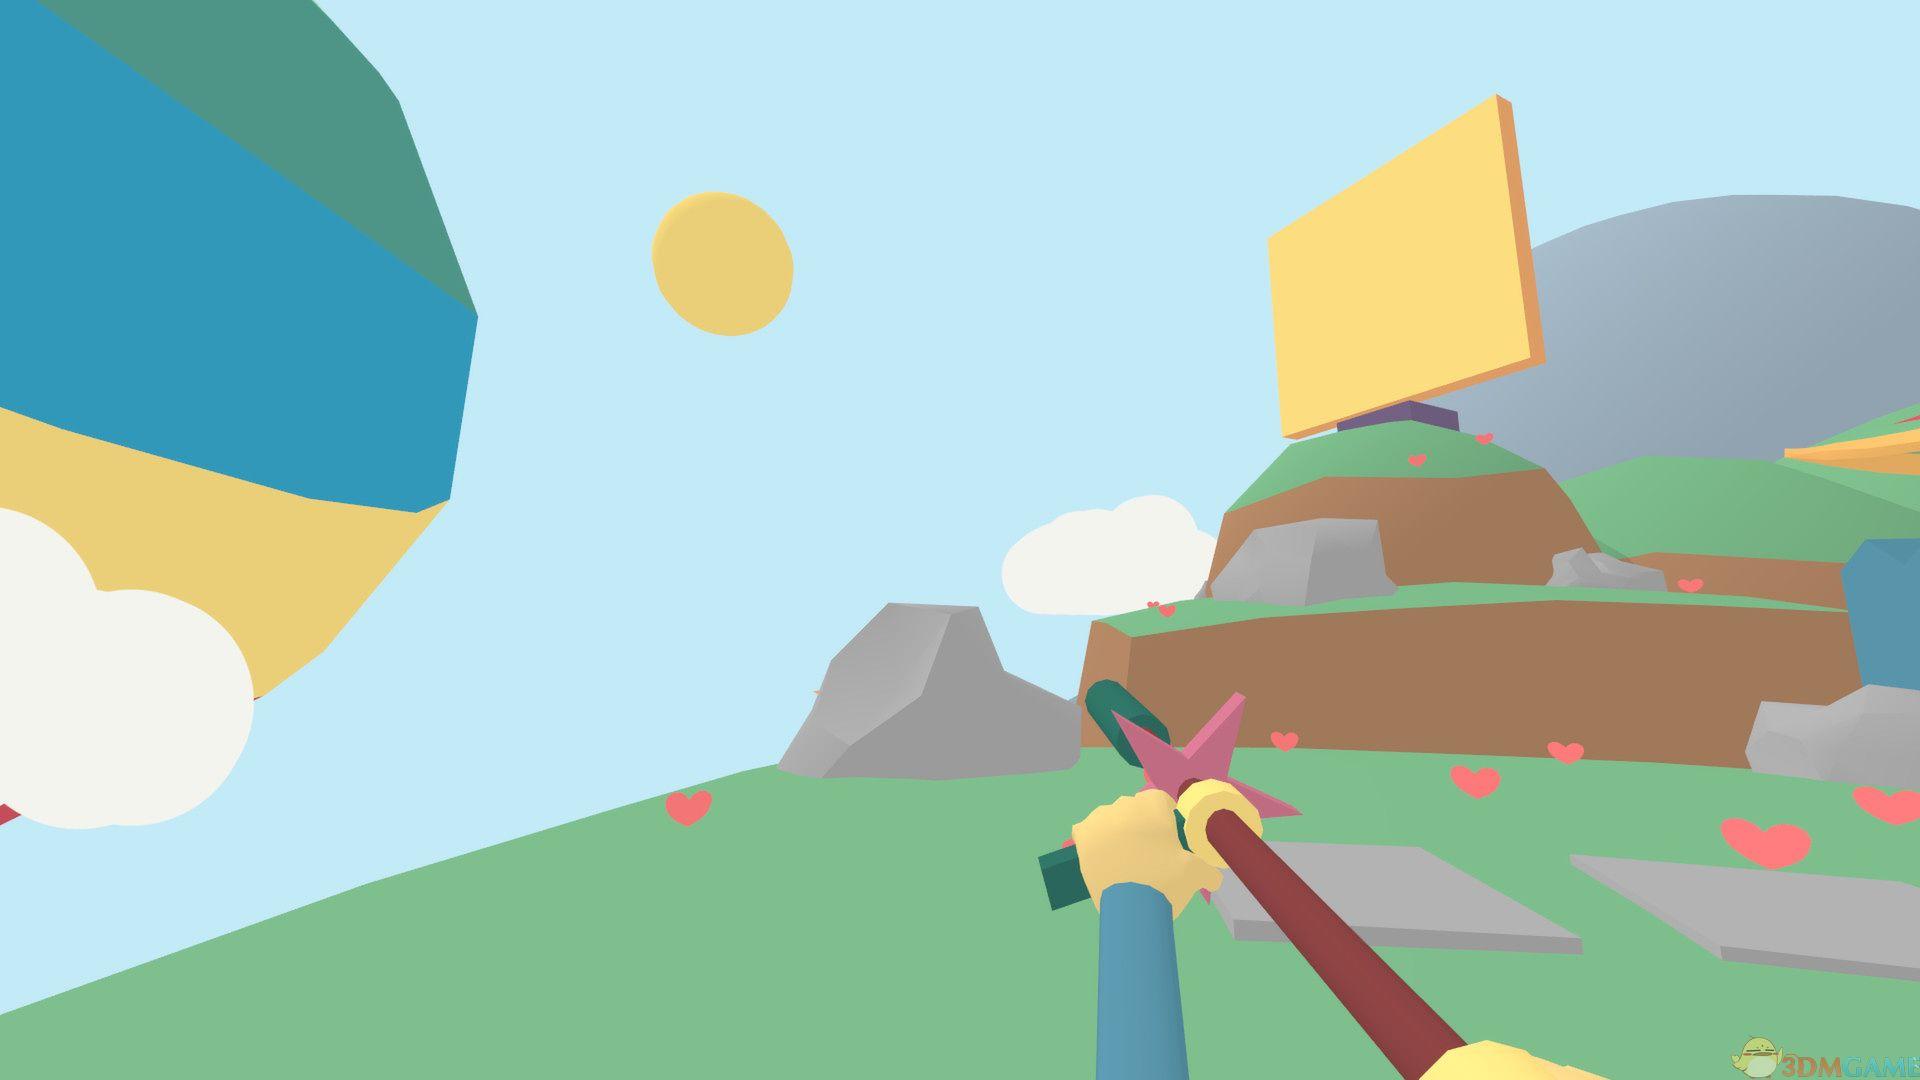 单机游戏大全 动作(act) 可爱星球 可爱星球截图壁纸